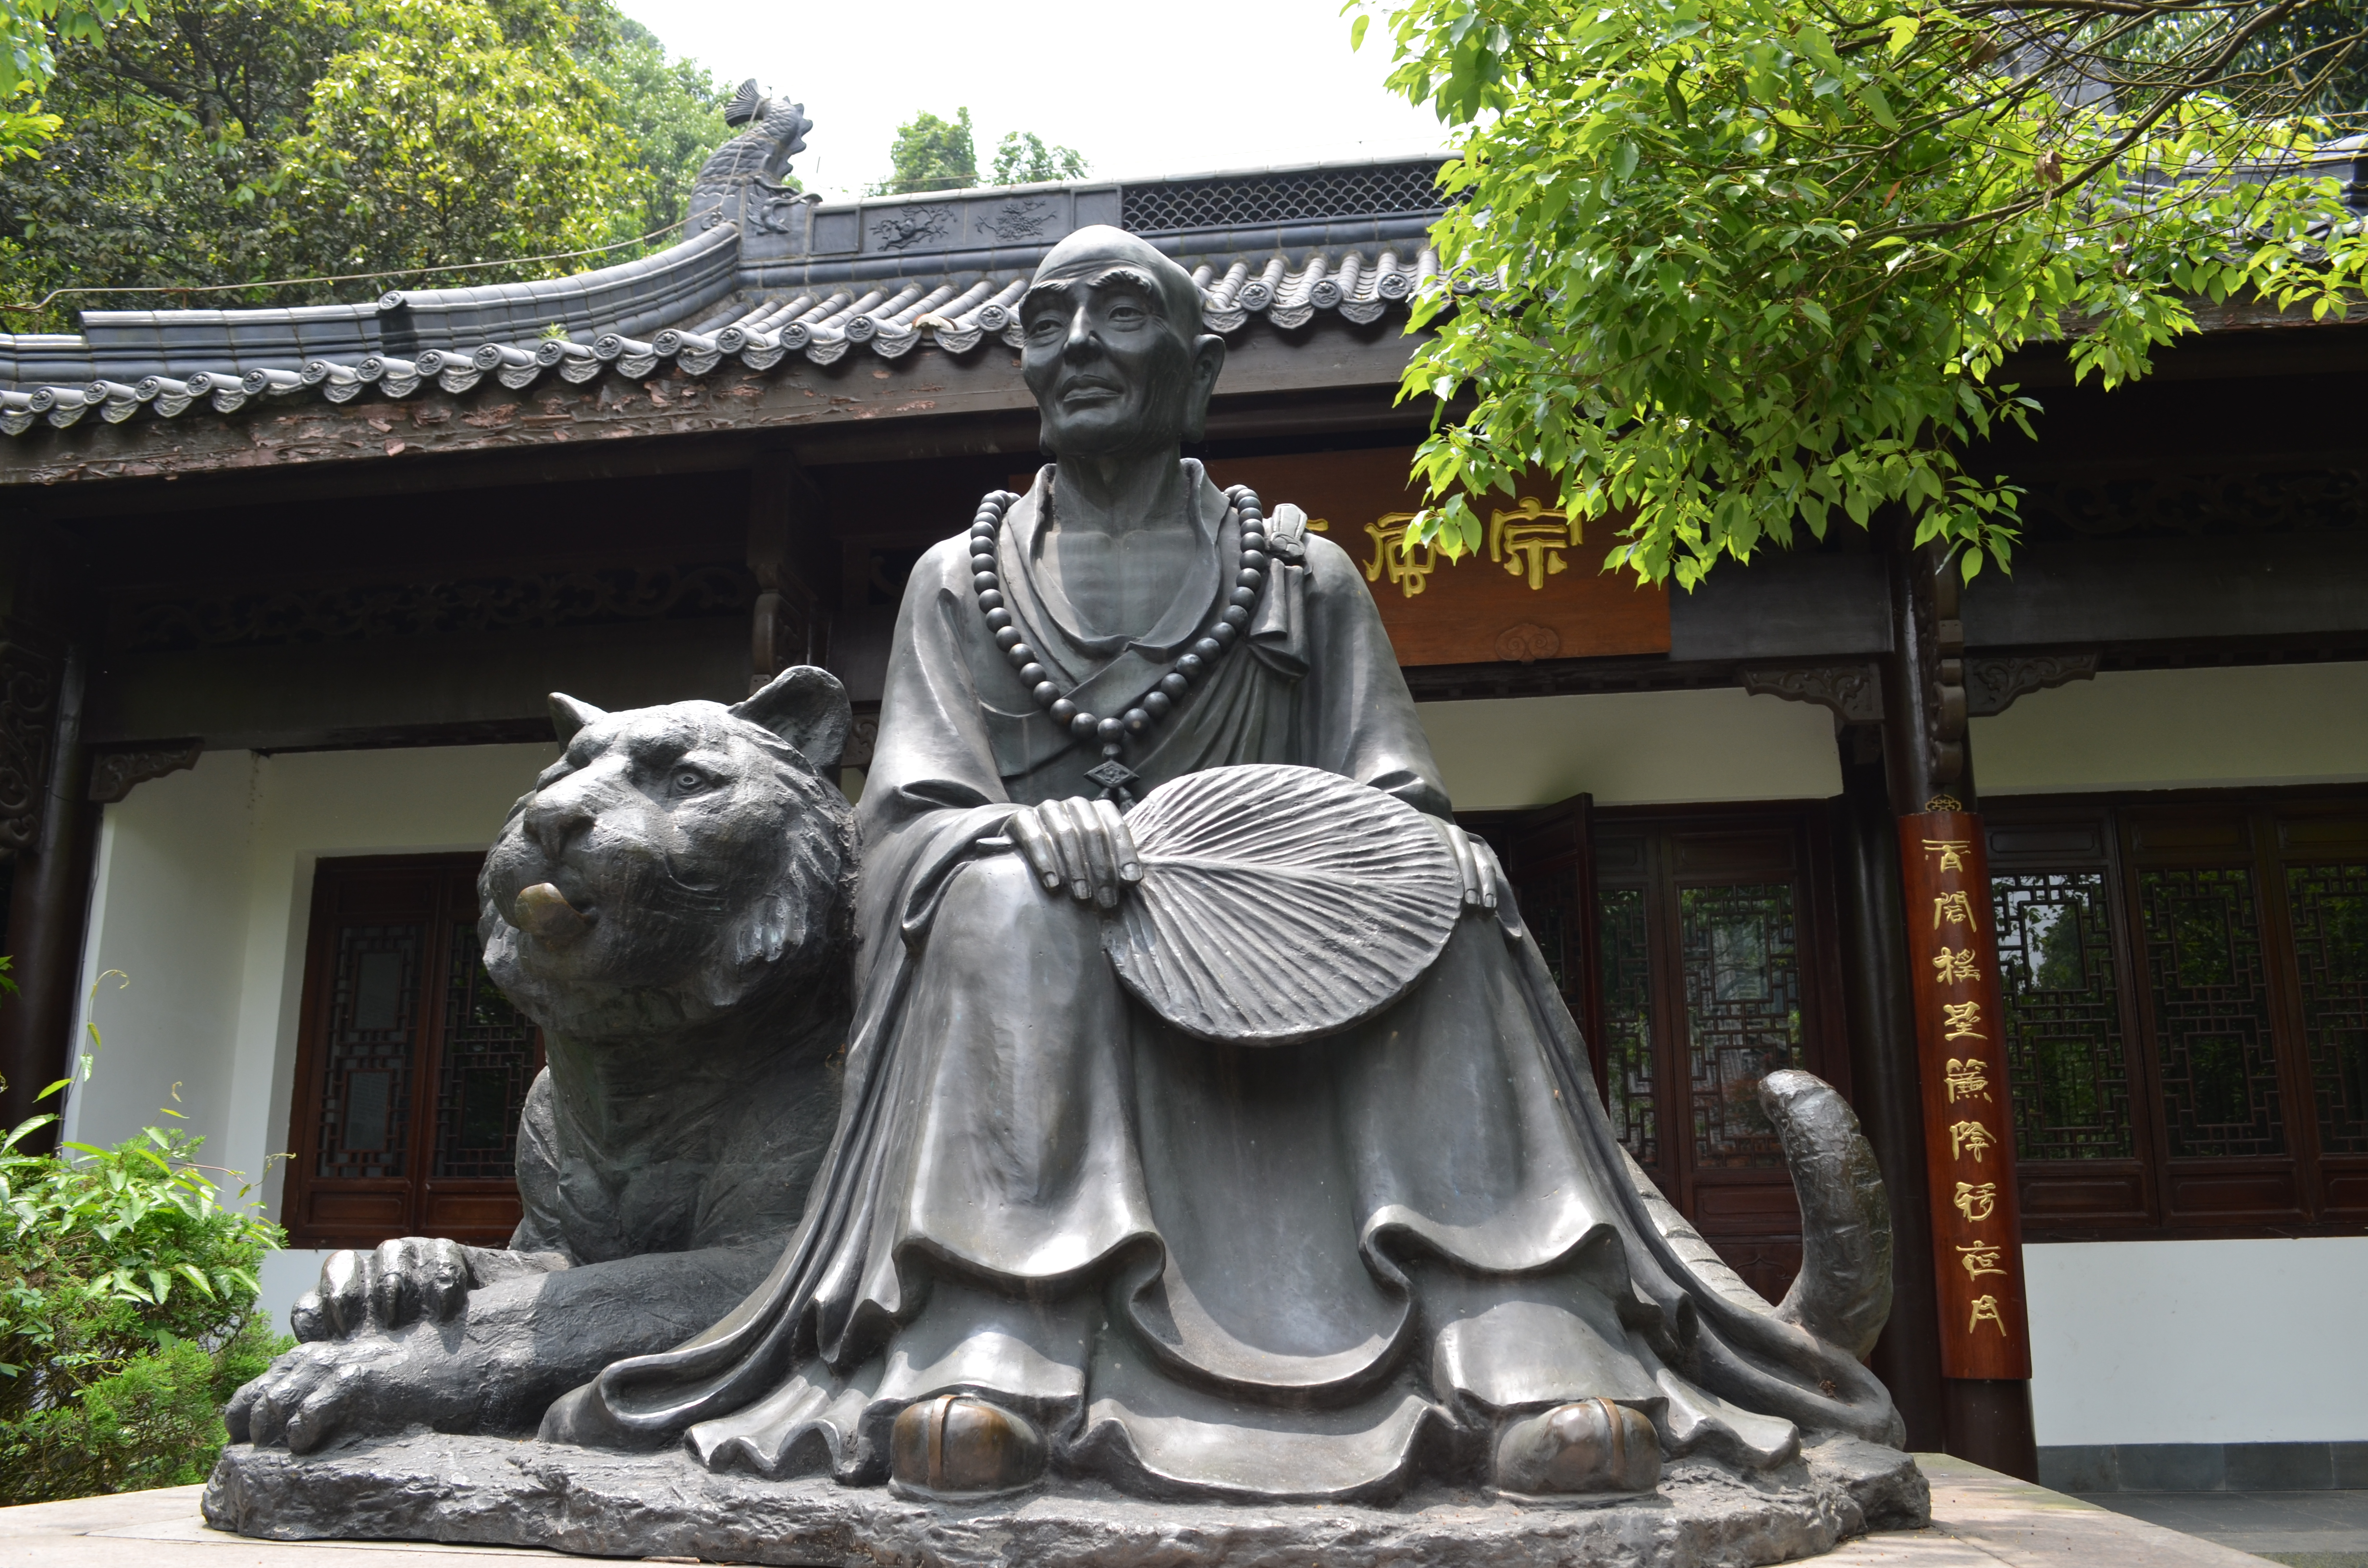 Wo heute ein Tempel steht, zähmte einst ein Mönch einen Tieger.